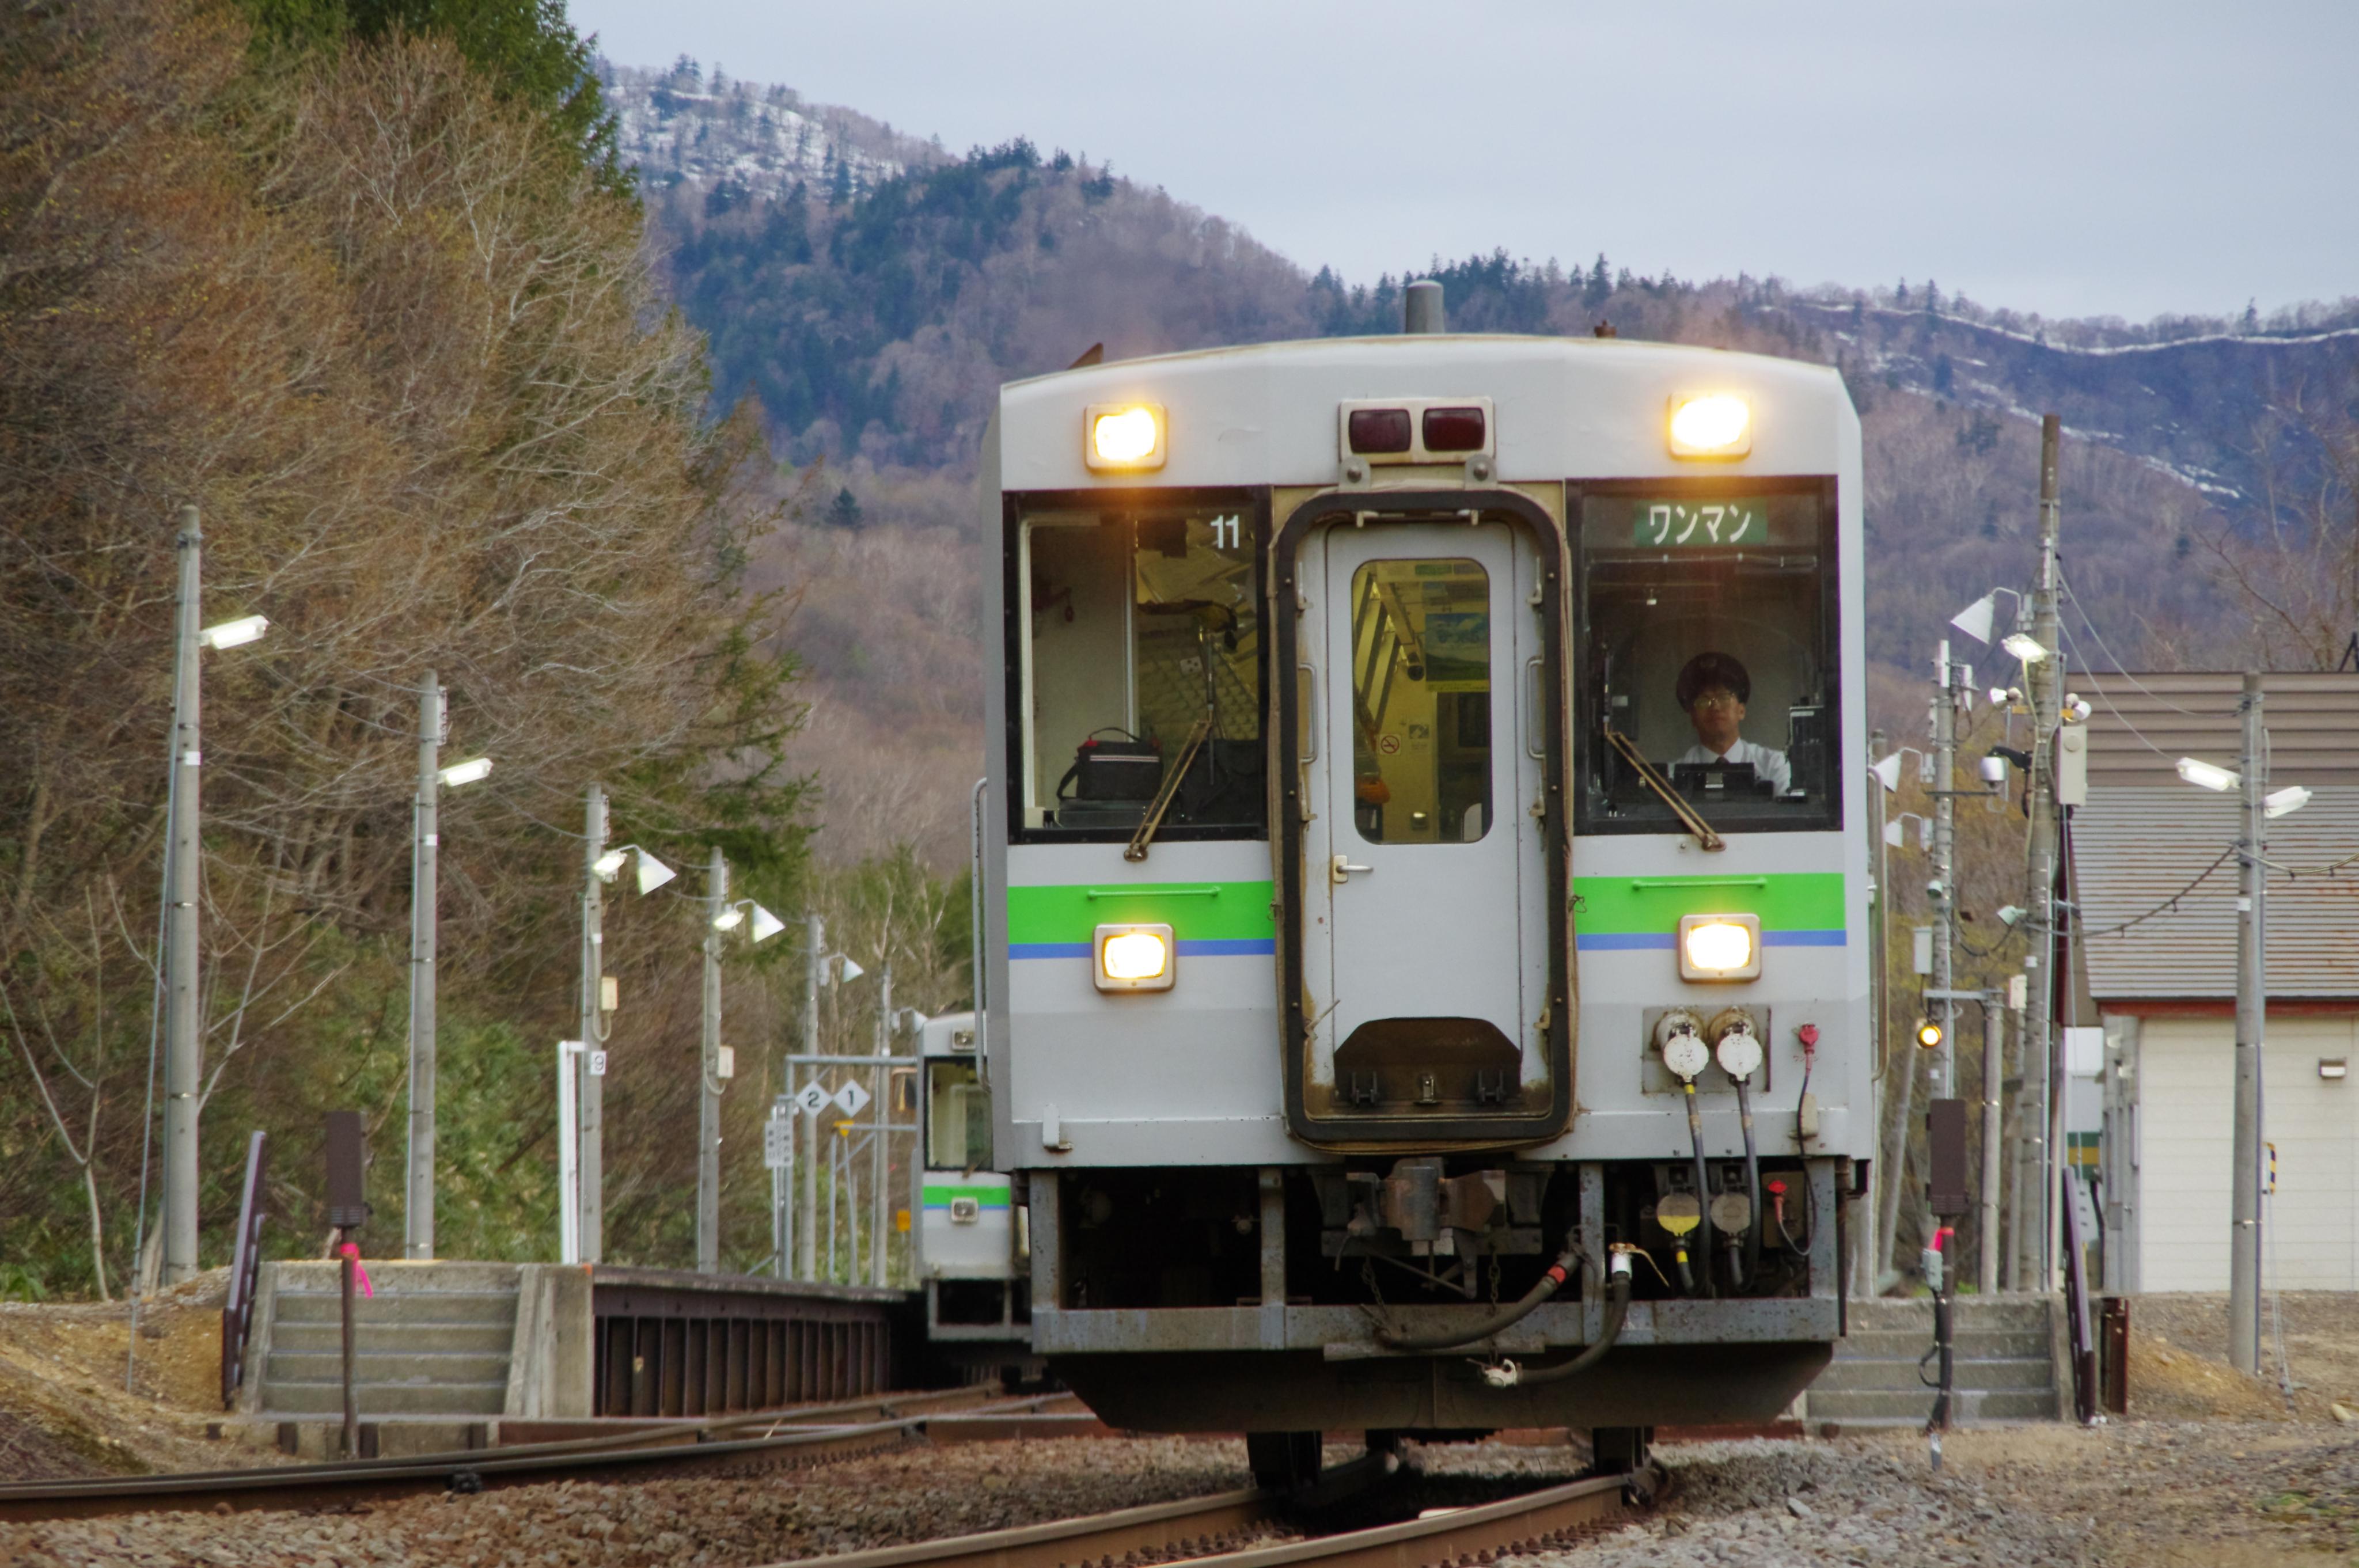 キハ150 1921D & 回5920Dアップ 銀山駅 令和始発列車の交換_190501.jpg